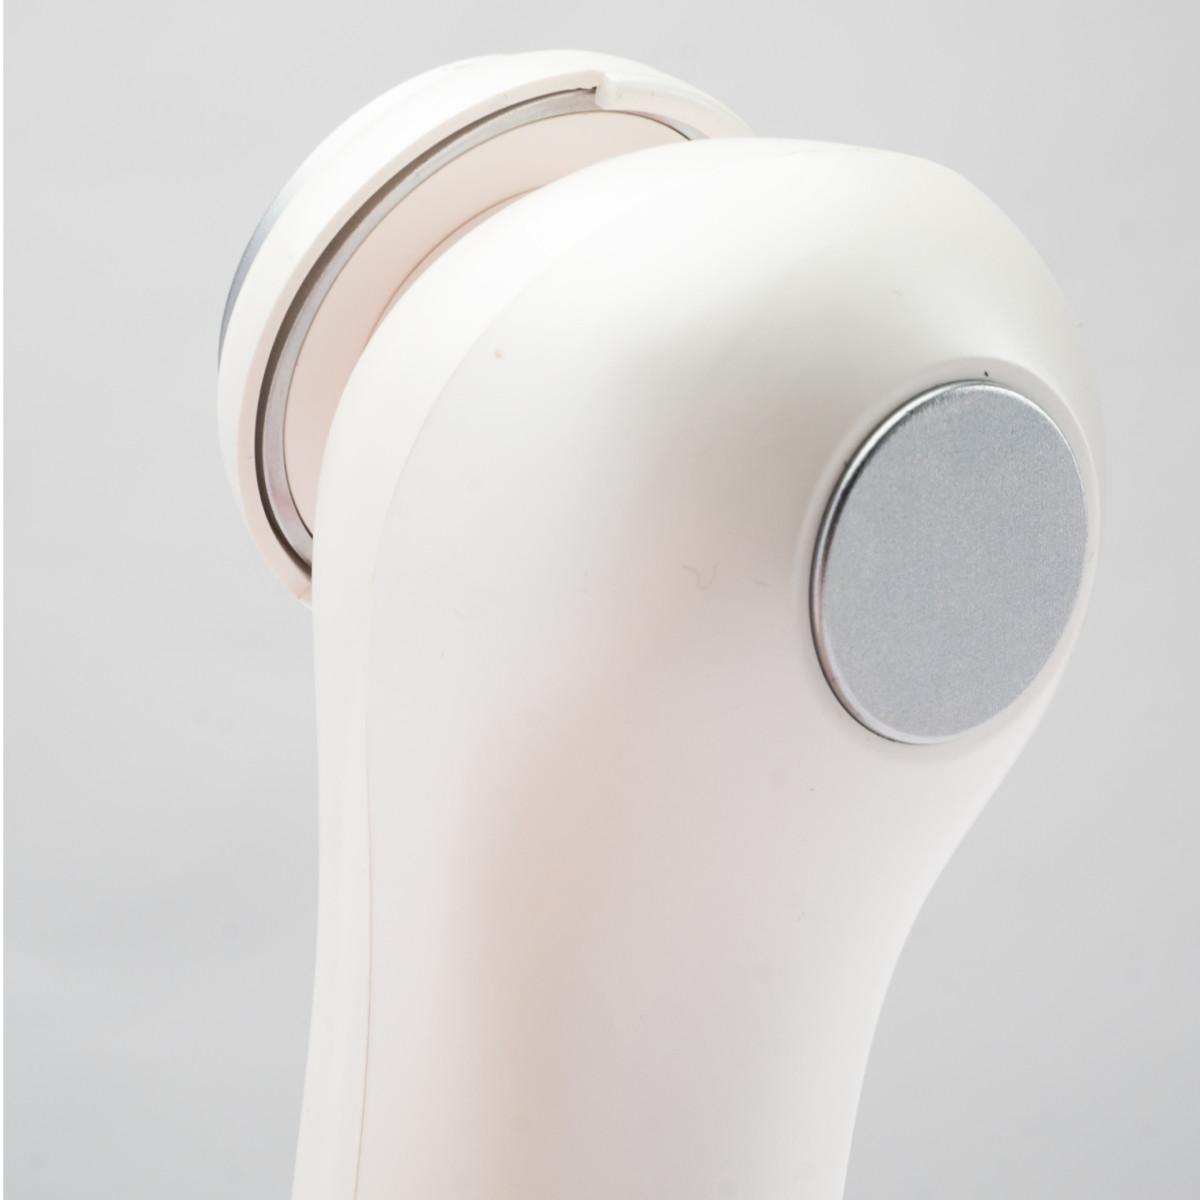 Máy đẩy tinh chất Ion dưỡng da nóng lạnh Hot & Cool Maxcare Max888PRO - Máy điện di tinh chất trắng da Maxcare Beauty Device - làm sạch sâu - đẩy tinh chất - cấp ẩm - chăm sóc và dưỡng trắng da